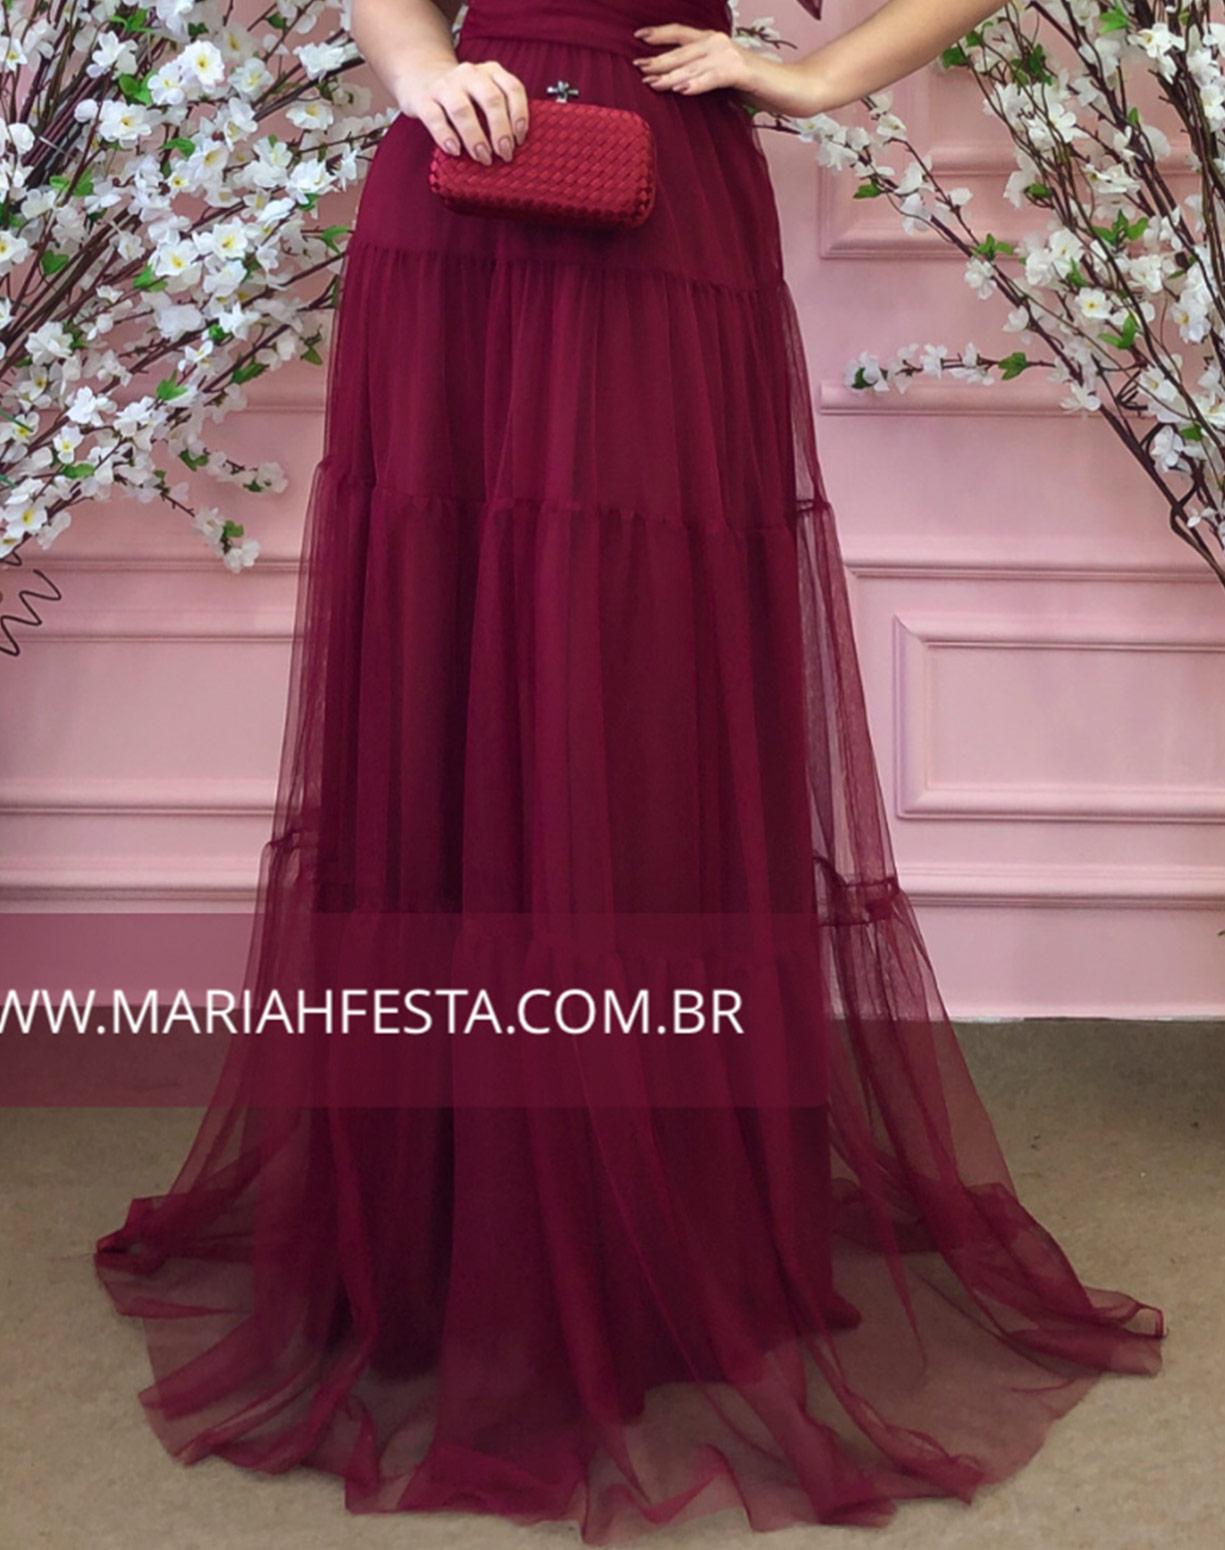 Vestido Marsala em Tule com Alças de Amarrar